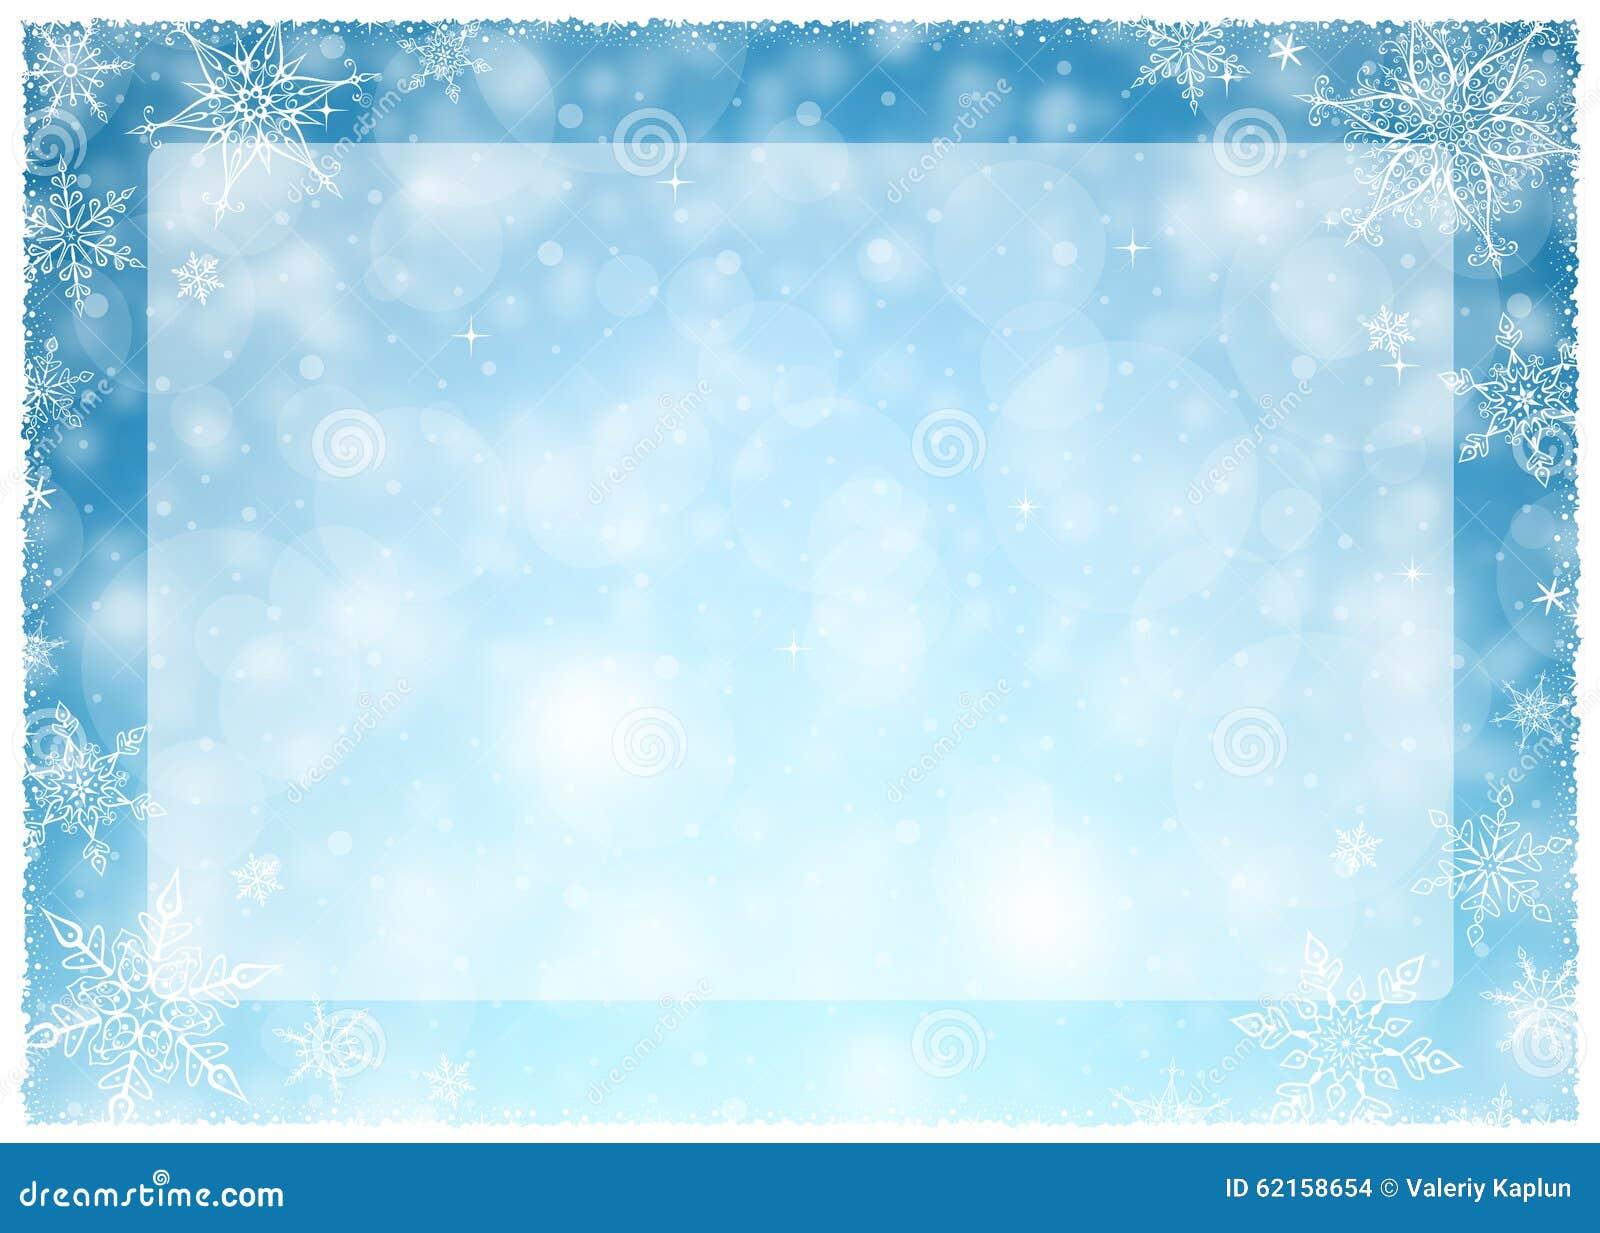 cadre d 39 hiver de no l illustration bleu blanc de no l paysage vide de cadre illustration de. Black Bedroom Furniture Sets. Home Design Ideas